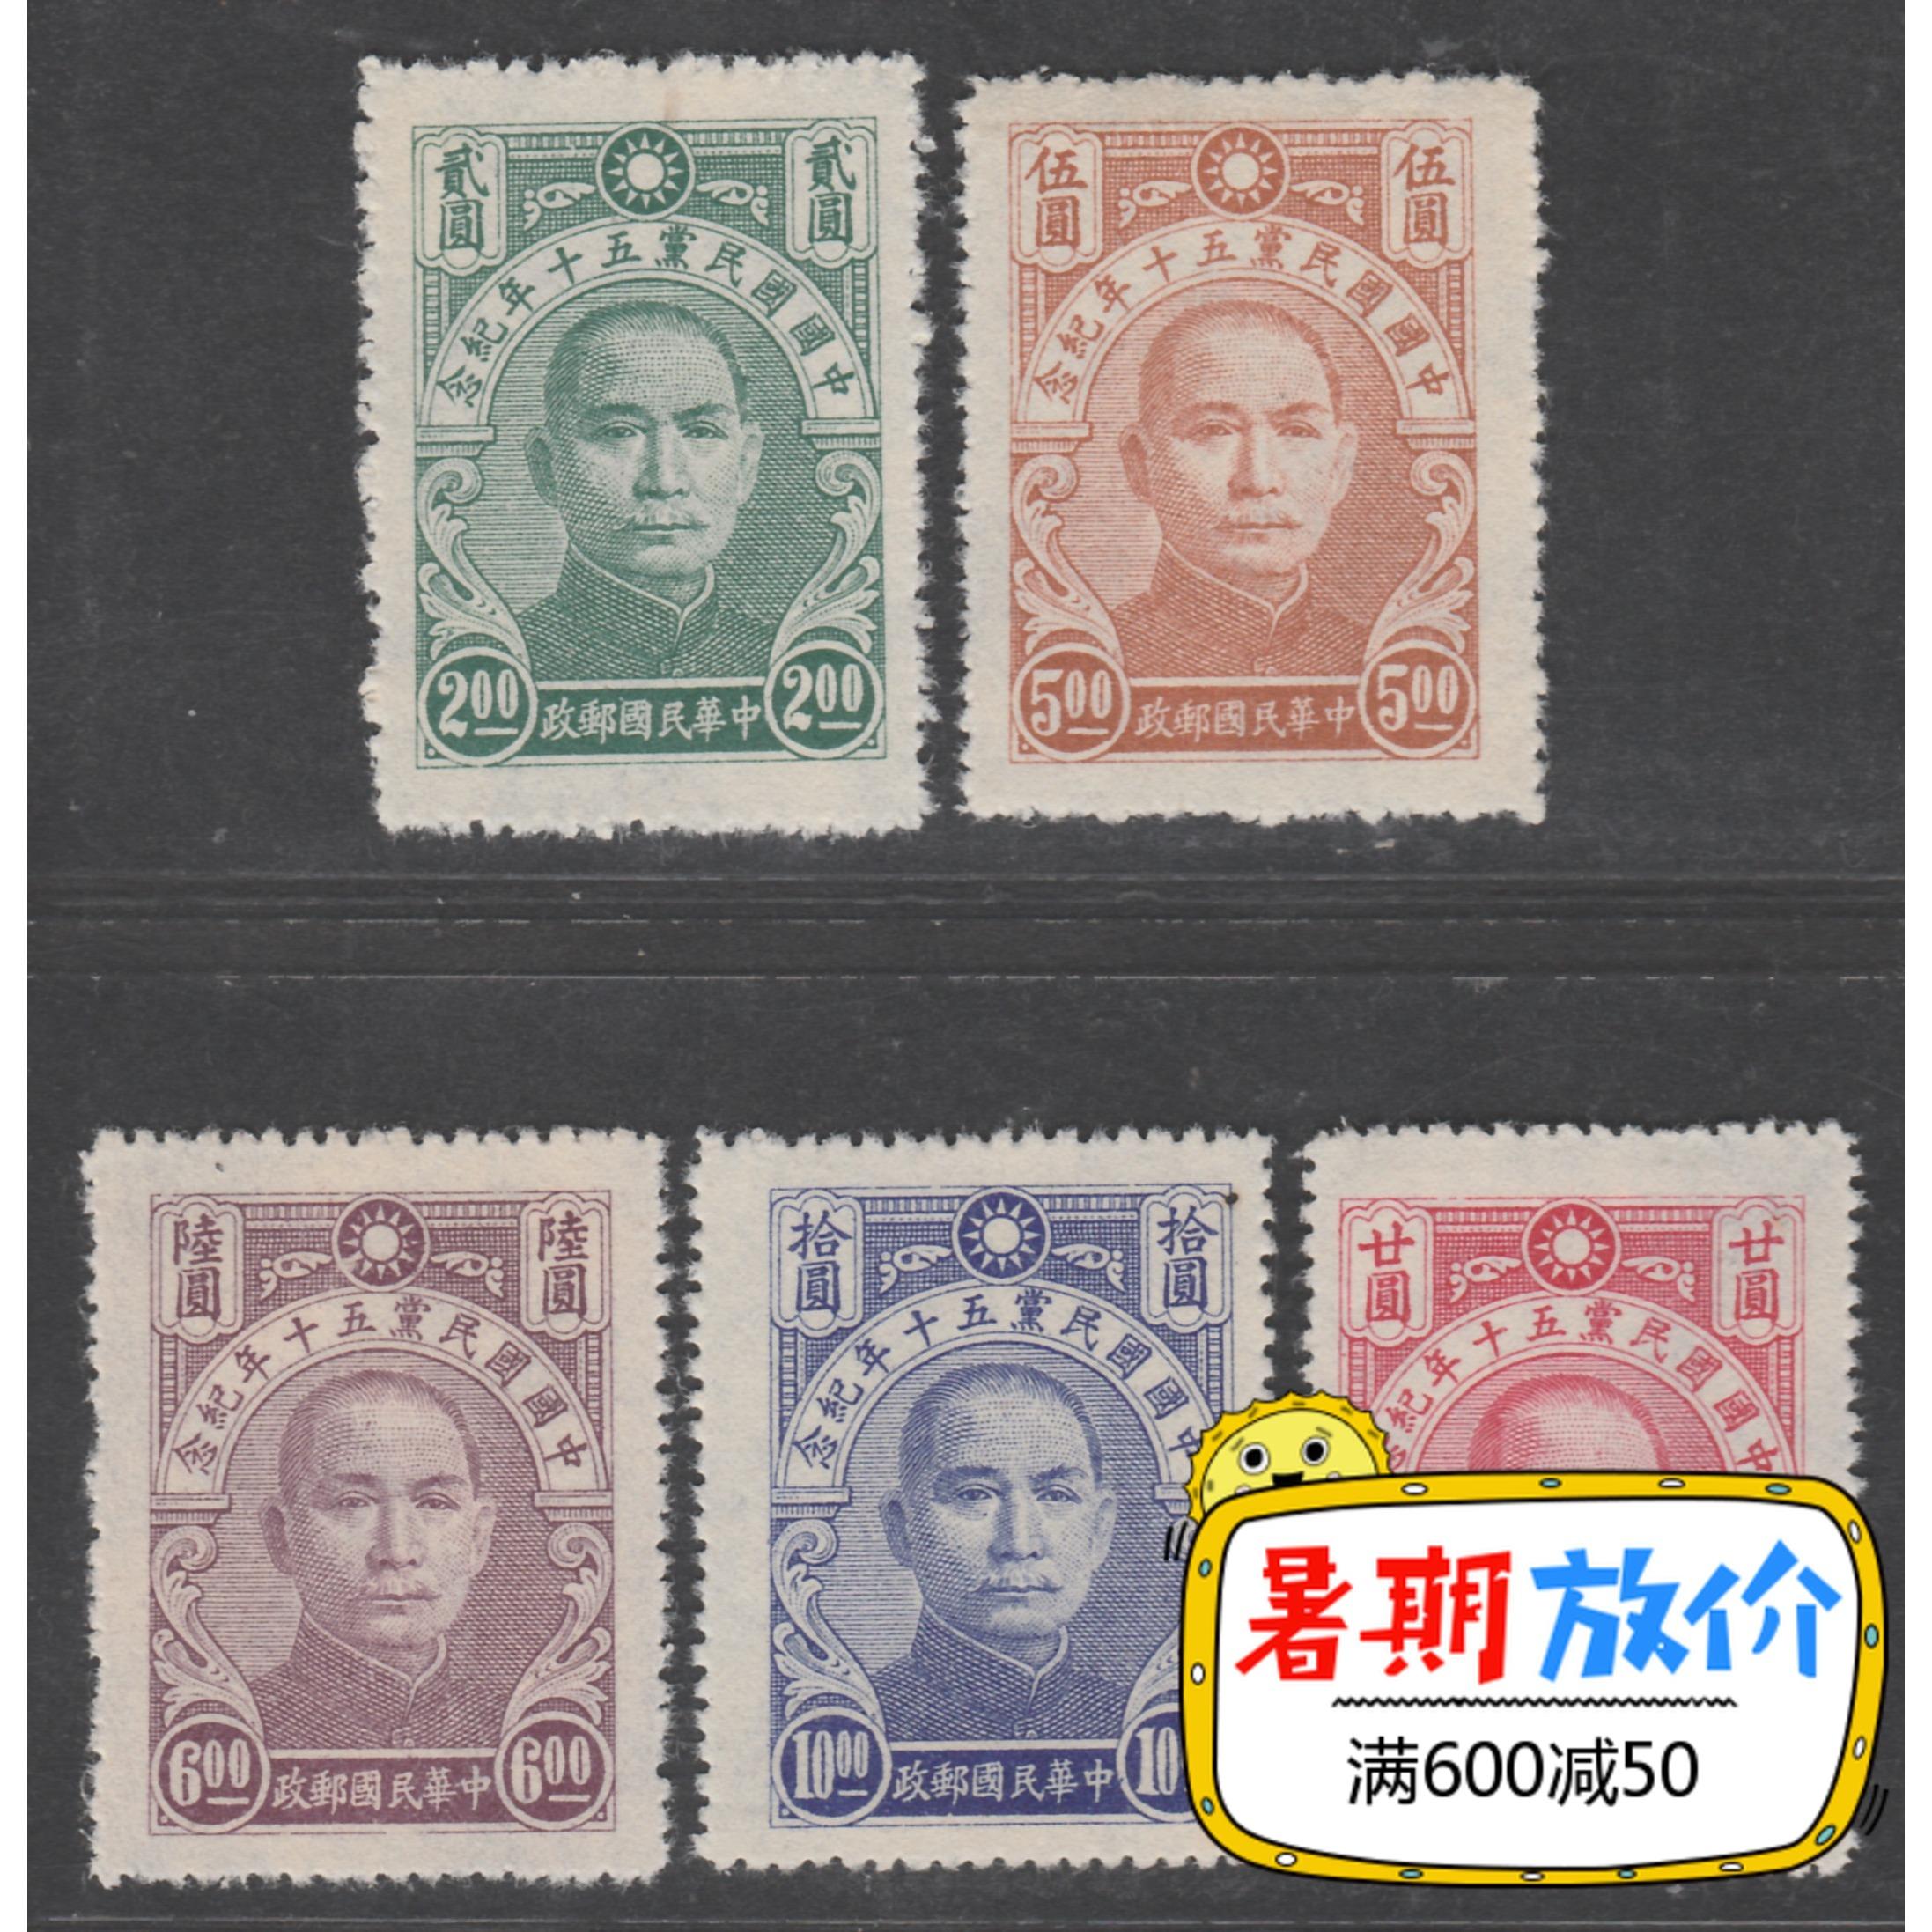 Cộng hòa Trung Quốc tem kỷ niệm Min Ji 14 KMT kỷ niệm lần thứ 50 hoàn thành bộ sưu tập tem mới